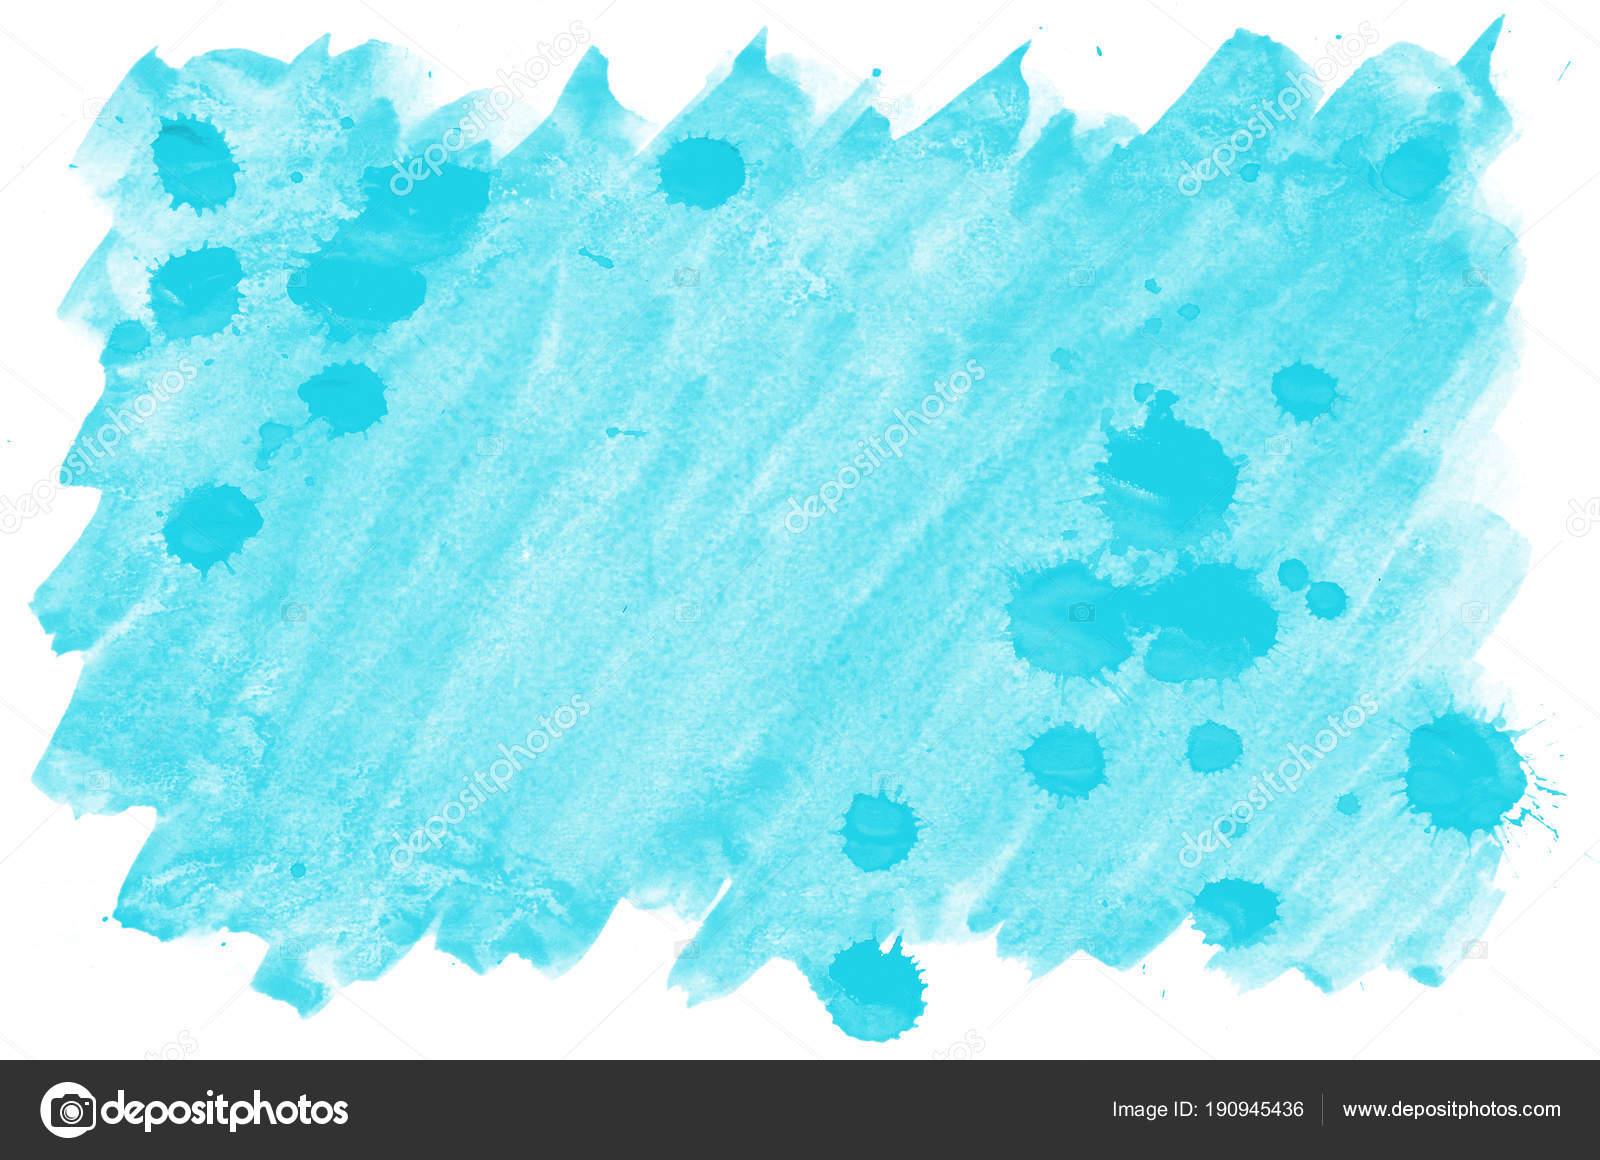 カラフルな青い水彩画ウェット ブラシ ペイント液体背景 壁紙用カード